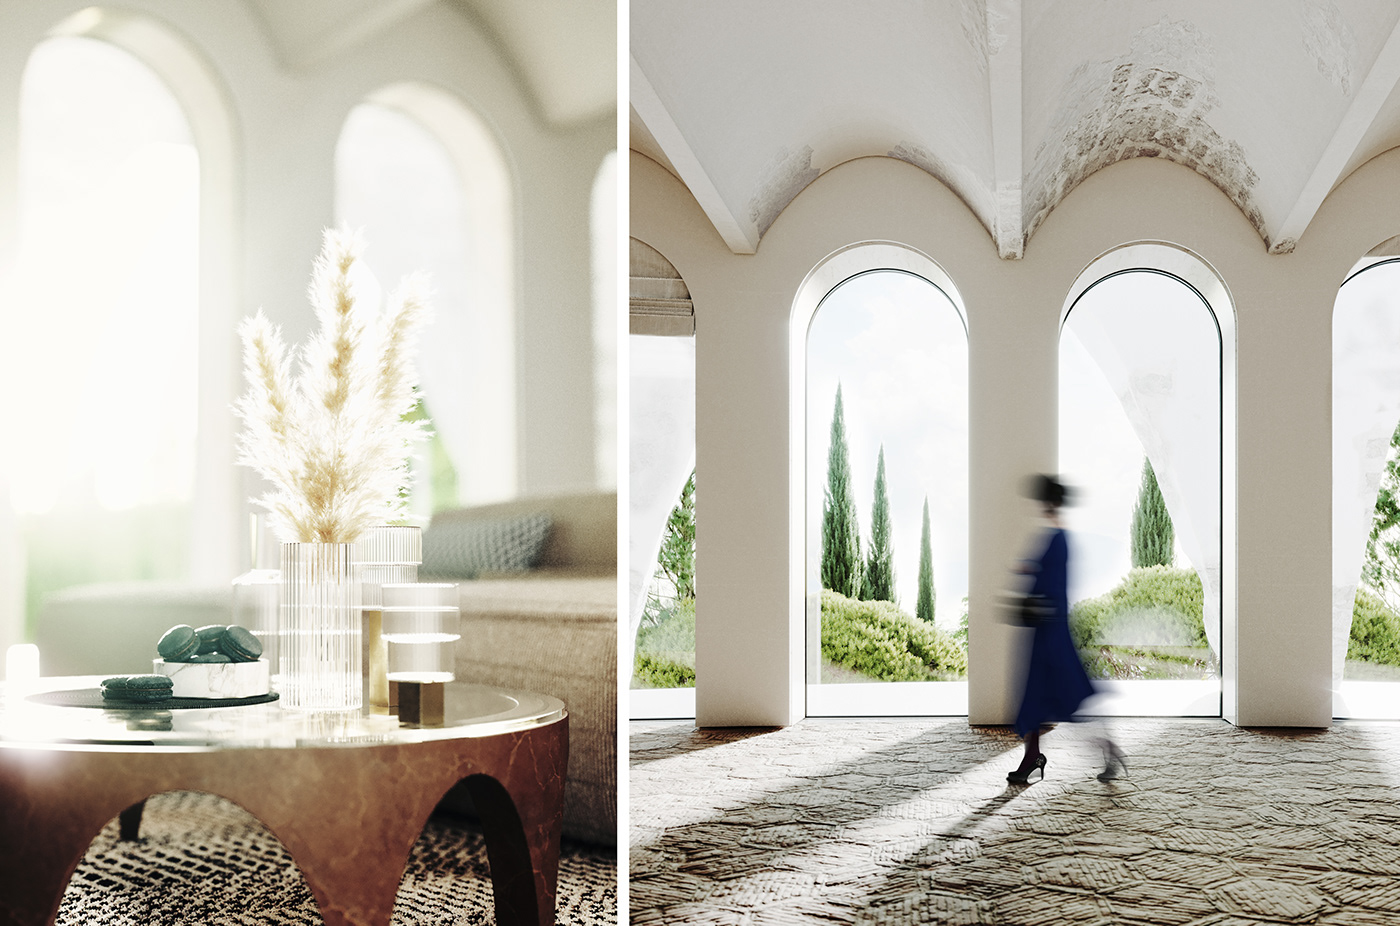 architecture archviz hill house olive Pool refurbishment Villa visualization White